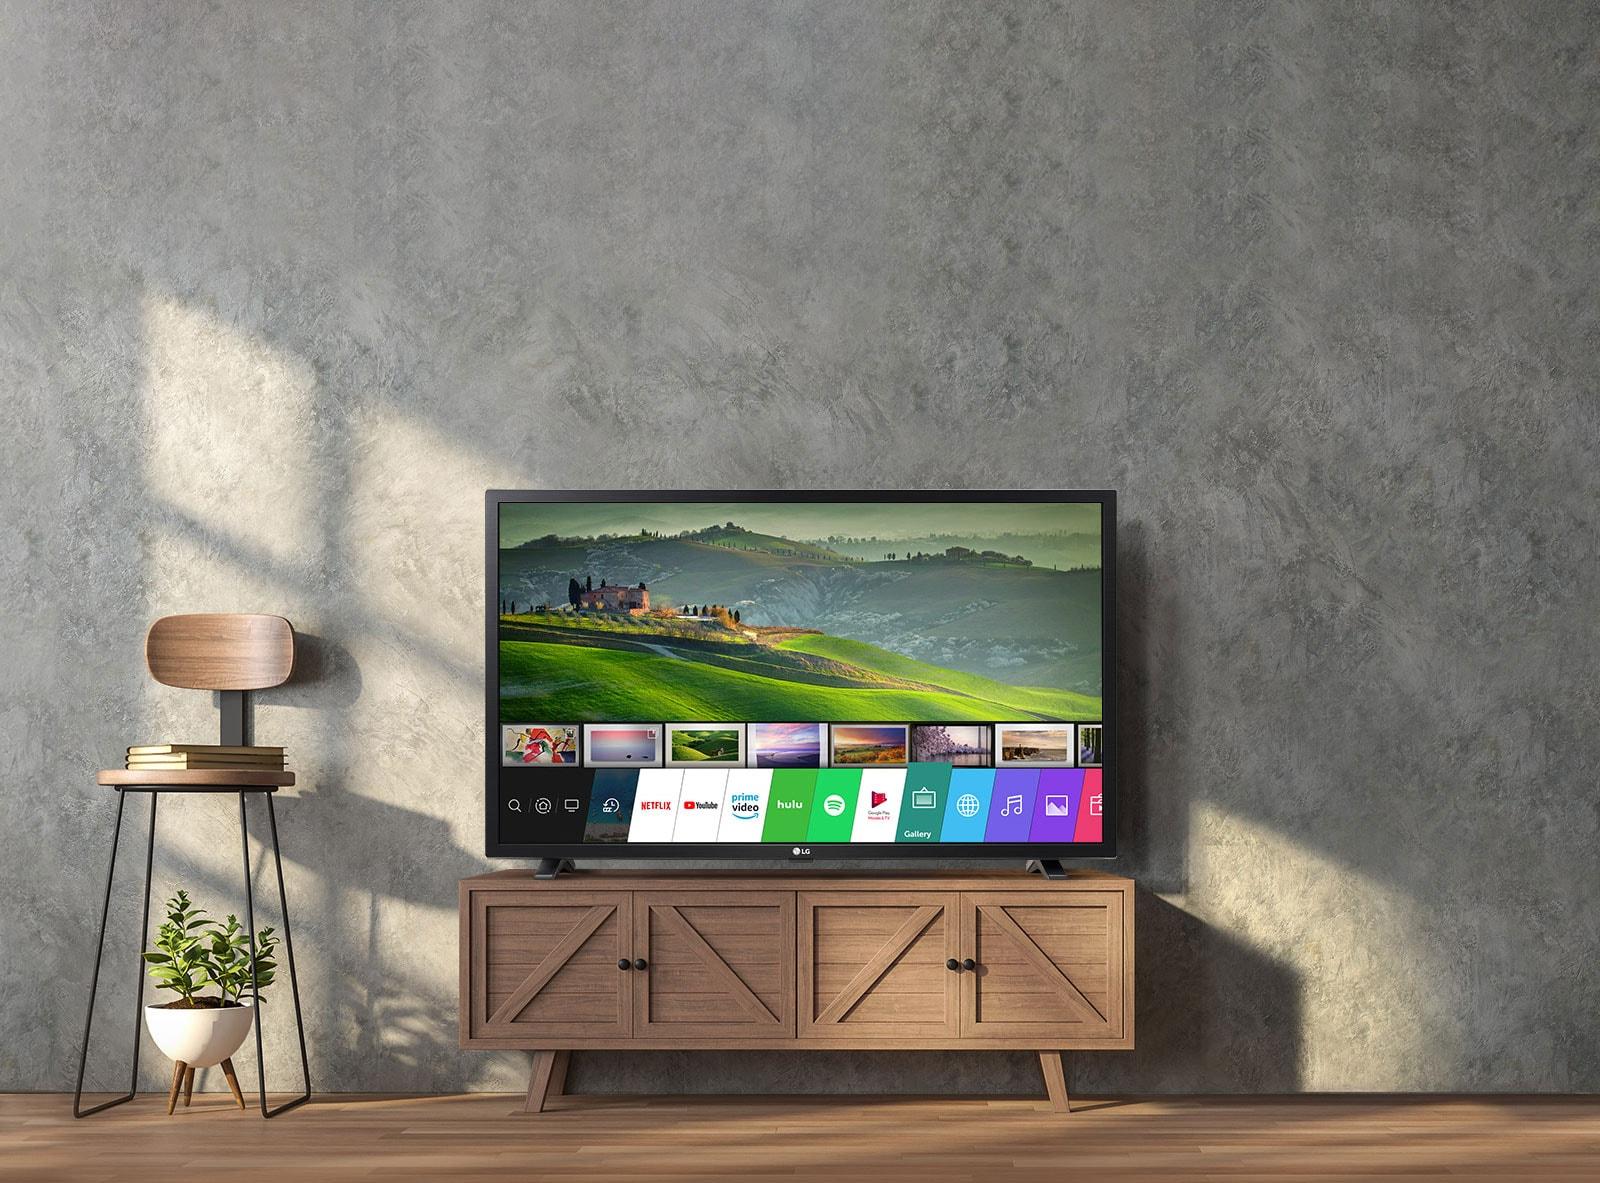 TV-HD-32-LM63-07-webOS-Smart-TV-Desktop_v1